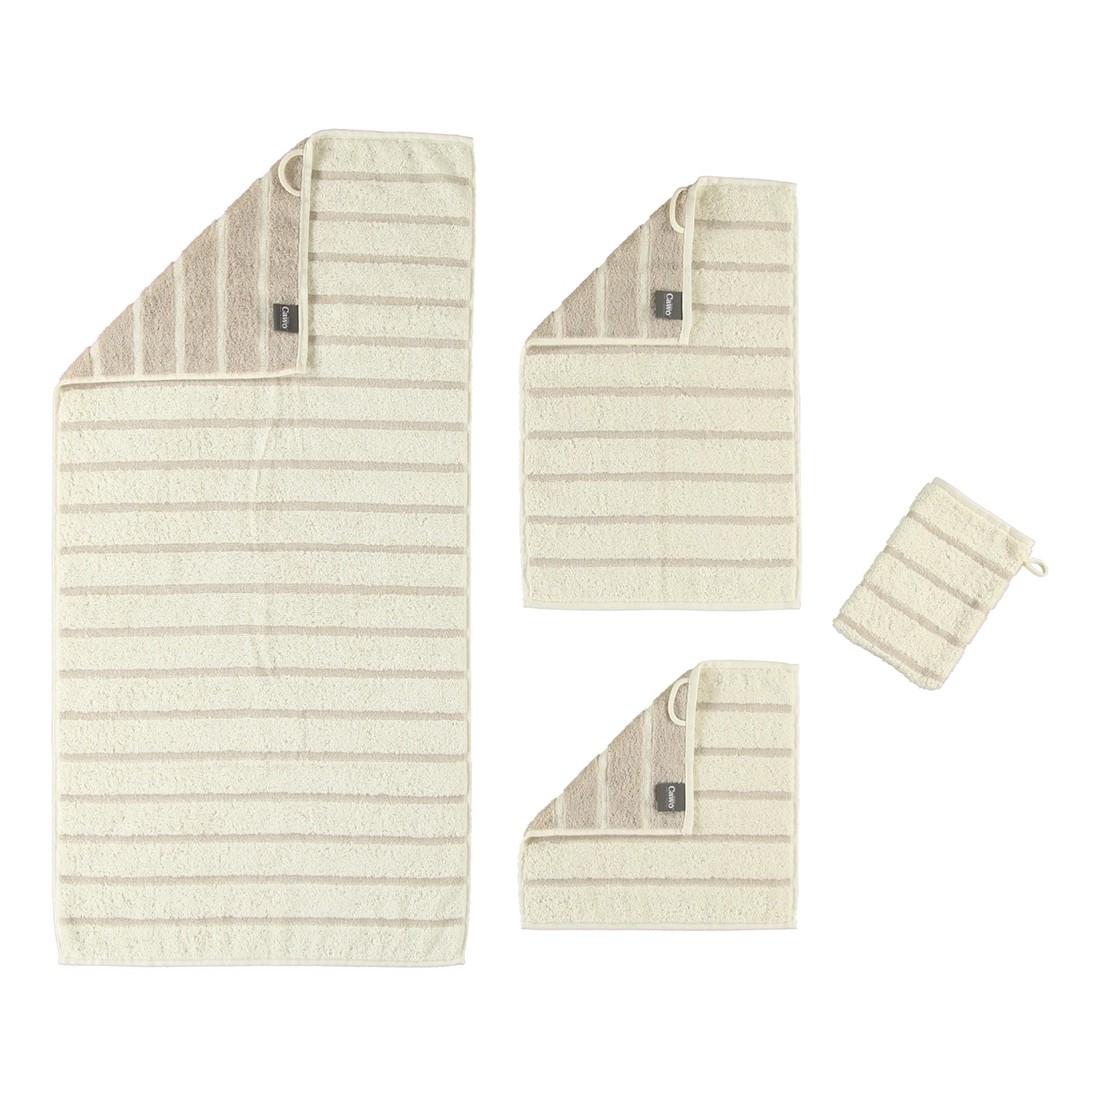 Handtuch Tonic – 100% Baumwolle Natur – 30 – Gästetuch: 30 x 50 cm, Cawö bestellen